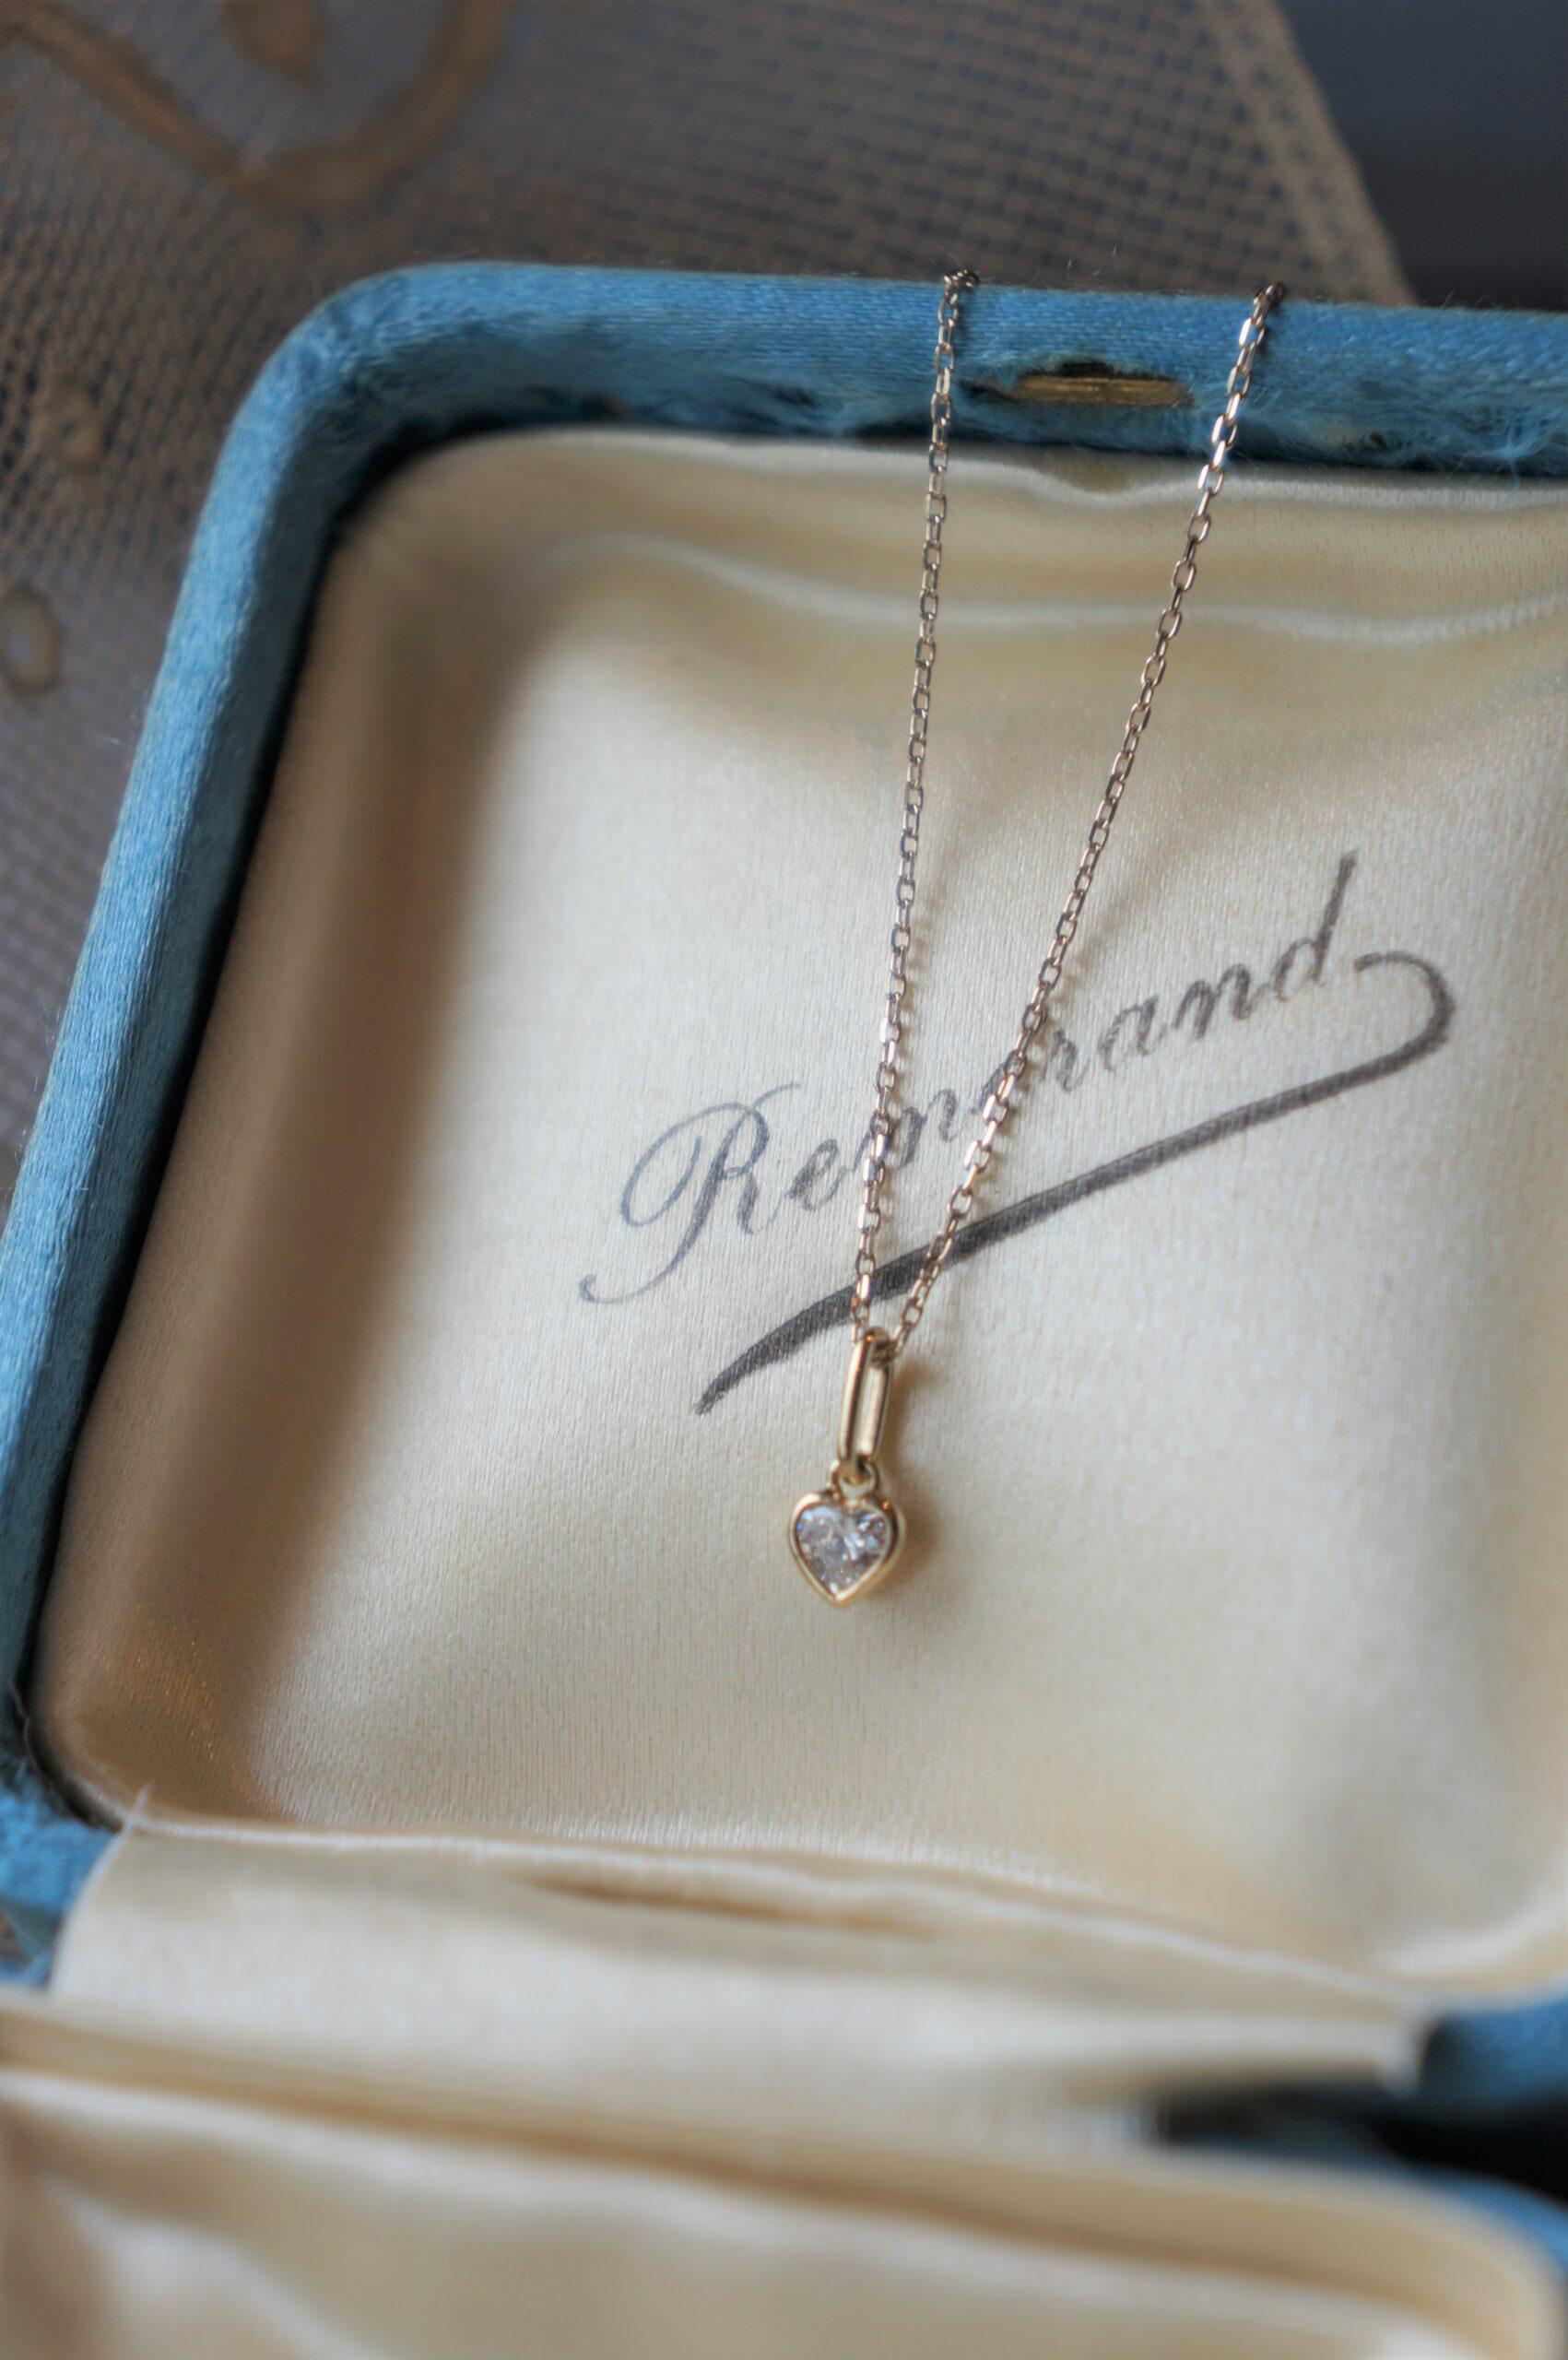 お母様からの贈り物 嫁ぎゆく娘さんへ想いをこめて 一点ものダイアモンドペンダント